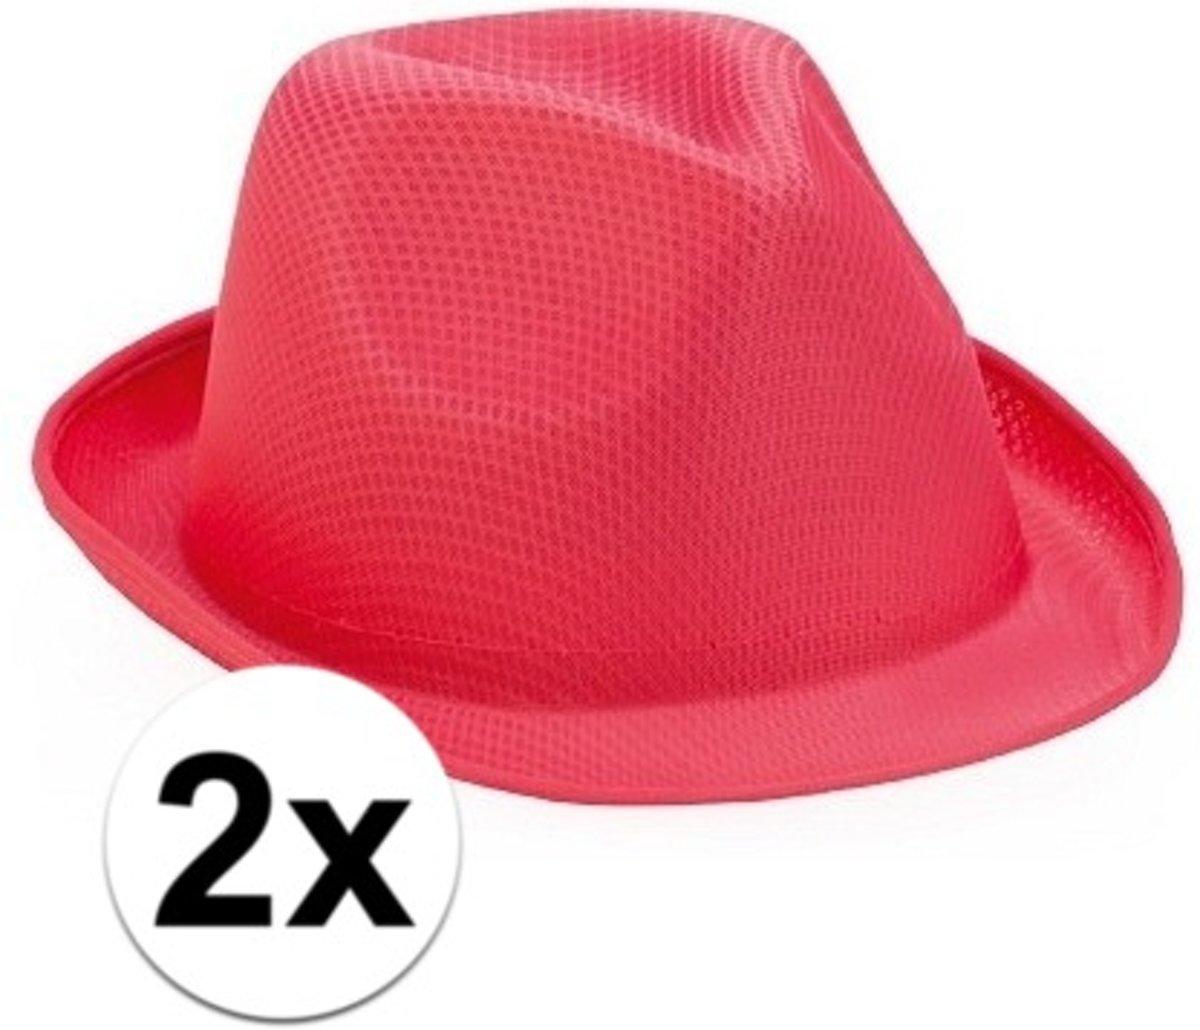 Toppers-panama-hoed-met-band-kobalt-47-kariban-overig ... 5b7ecdf37c74